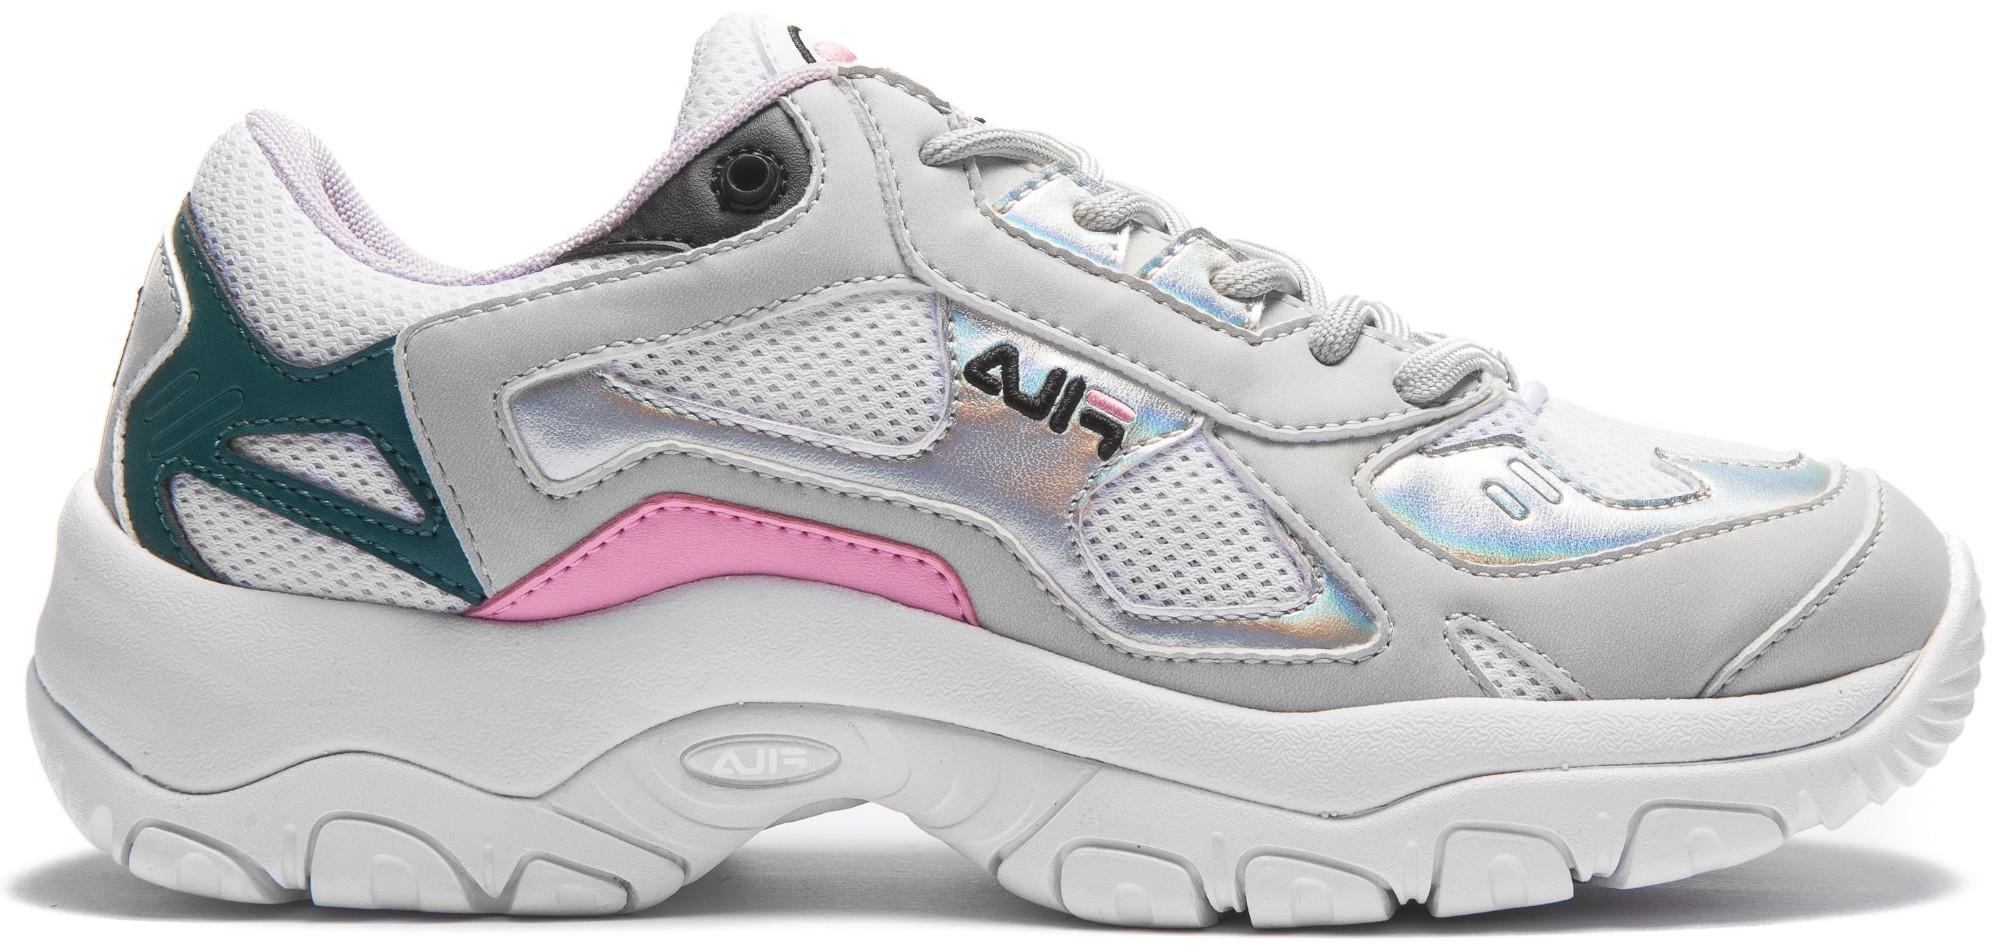 FILA Select Low Women's White/Gray Violet/Silver 39